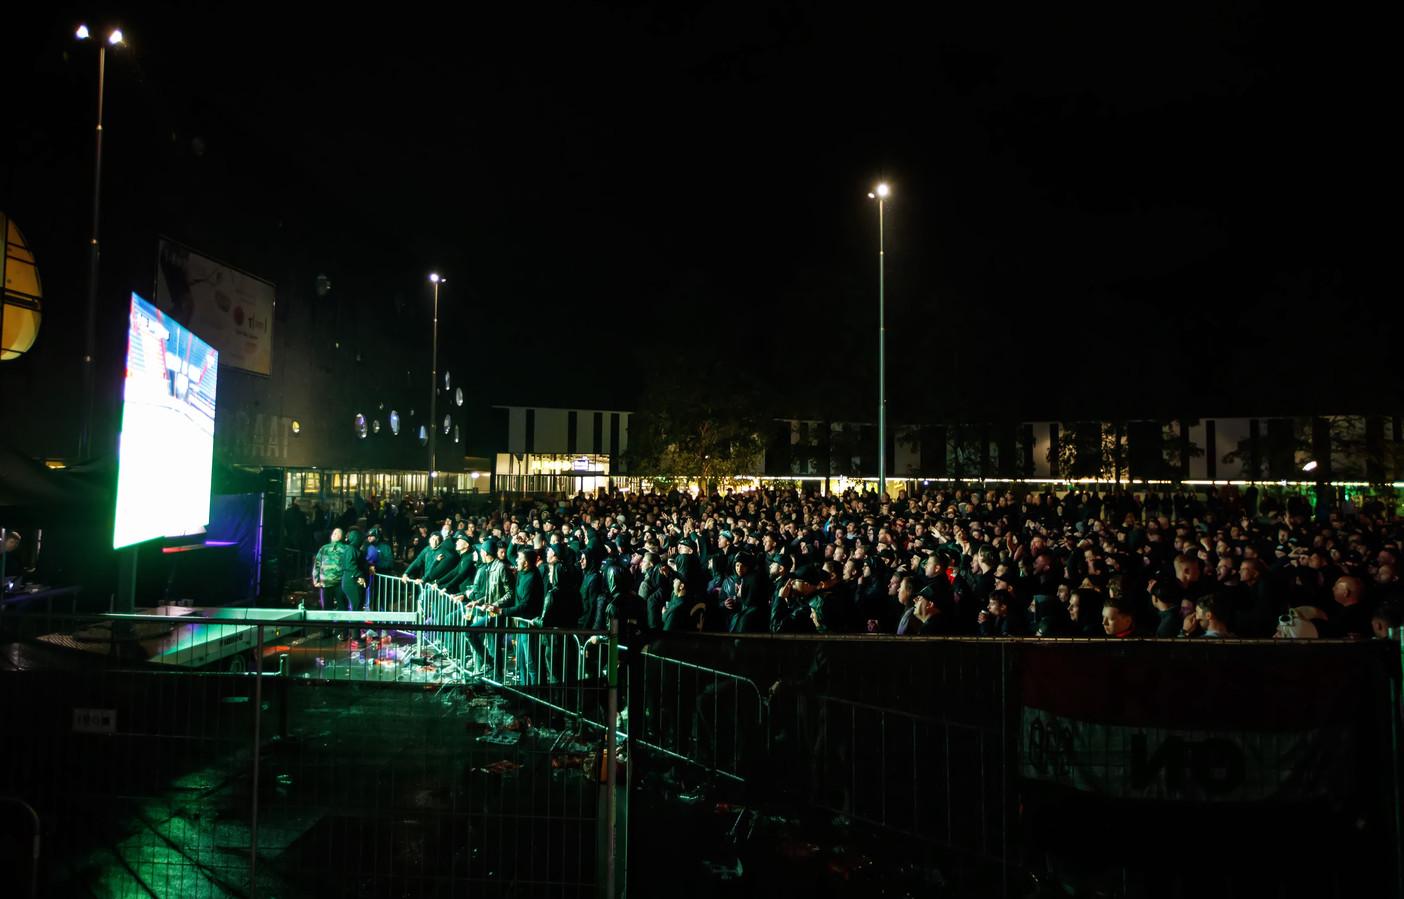 De fans van Willem II konden op een groot scherm de wedstrijd van hun club tegen Rangers kijken.